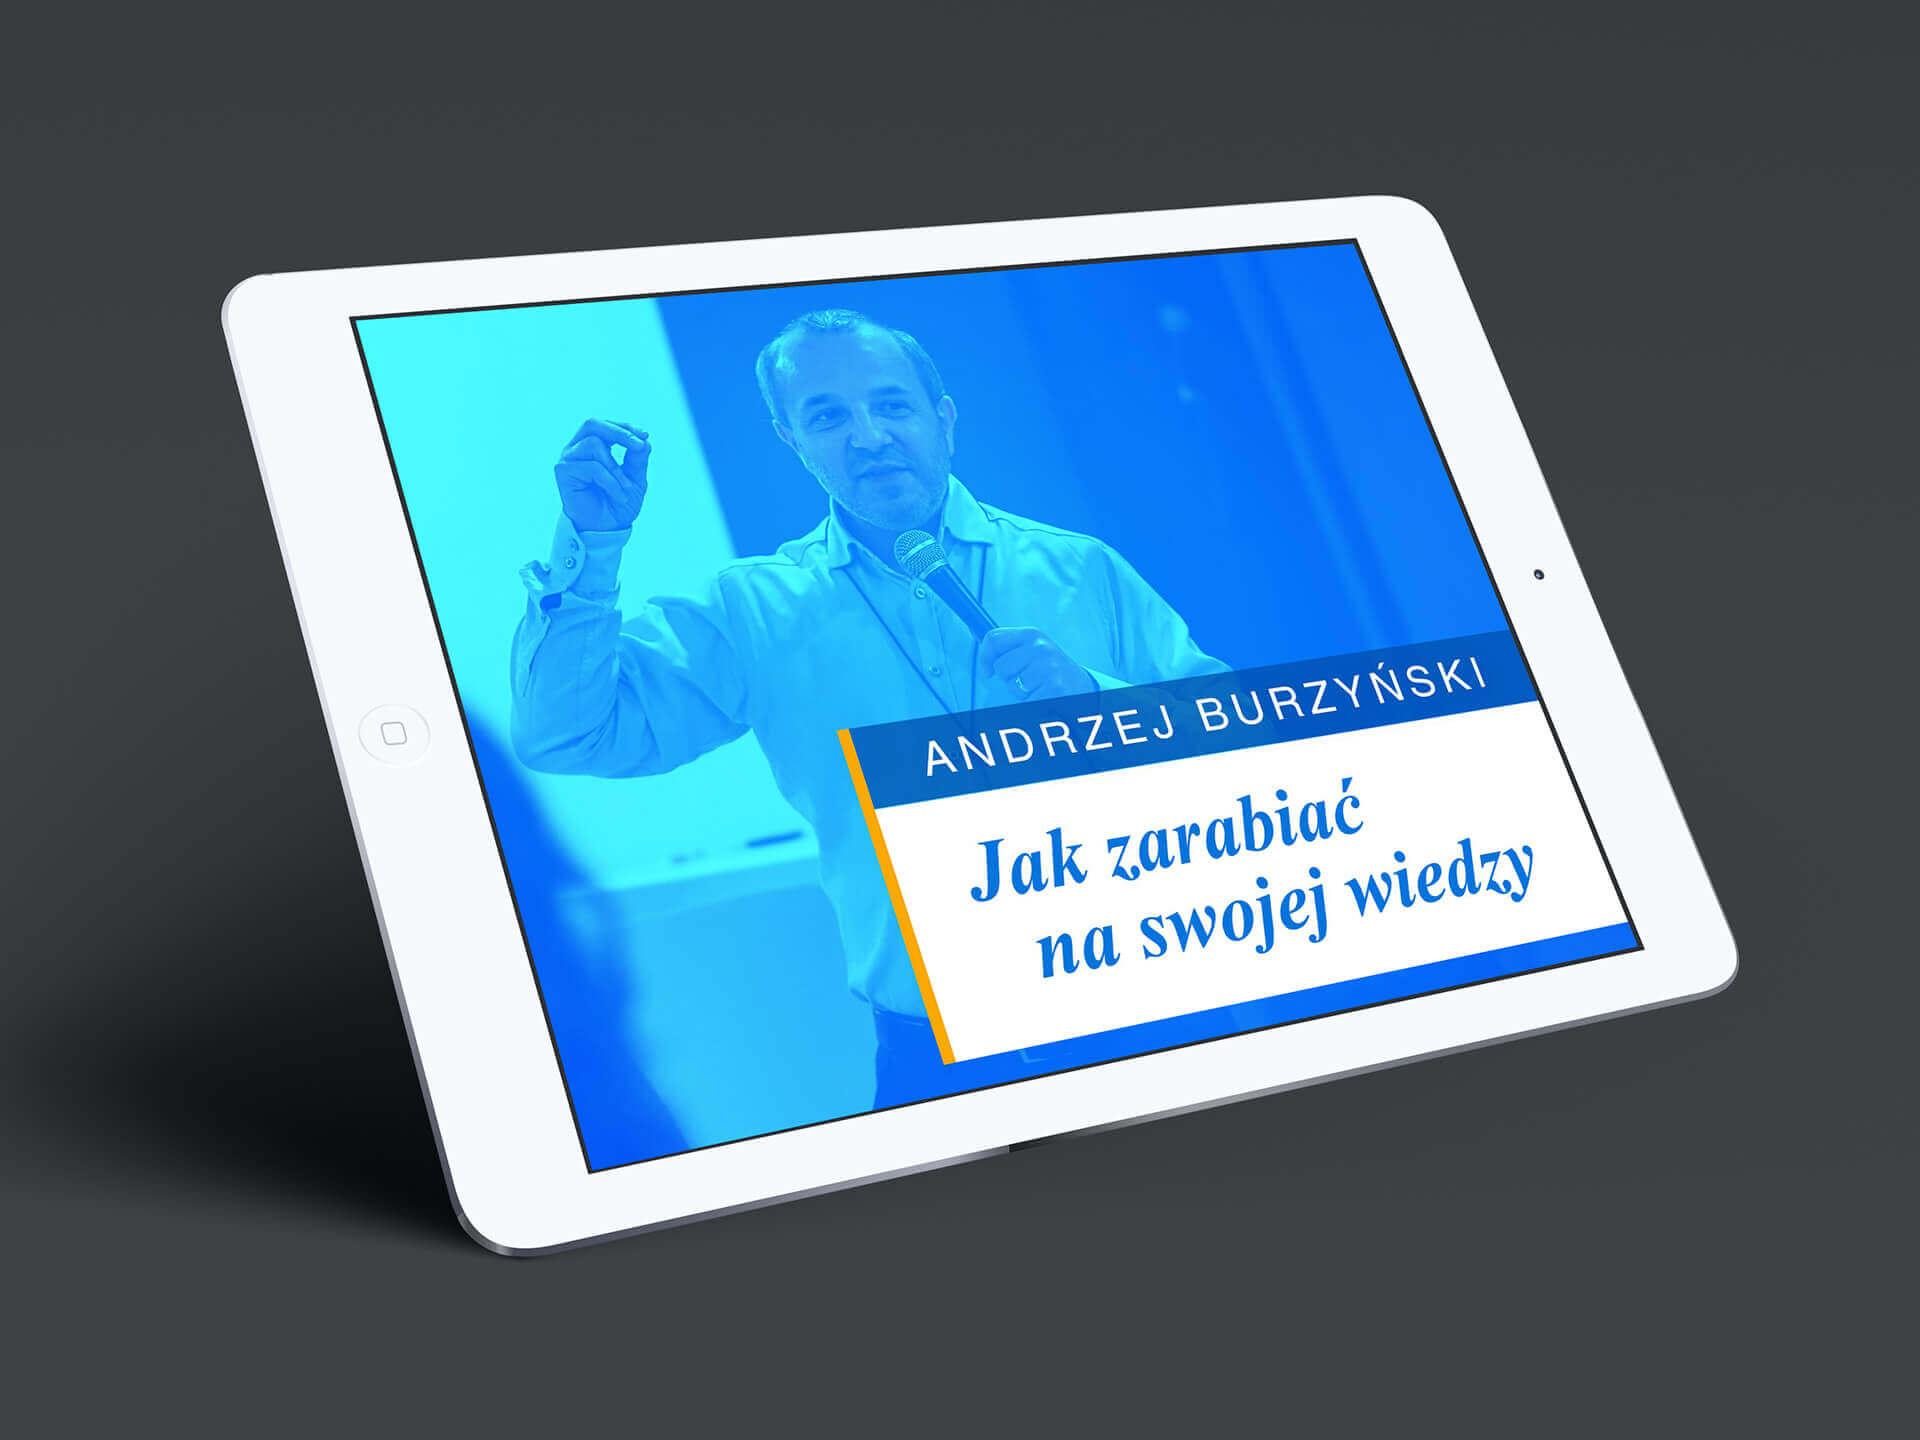 Andrzej Burzyński - przykładowe slajdy z prezentacji